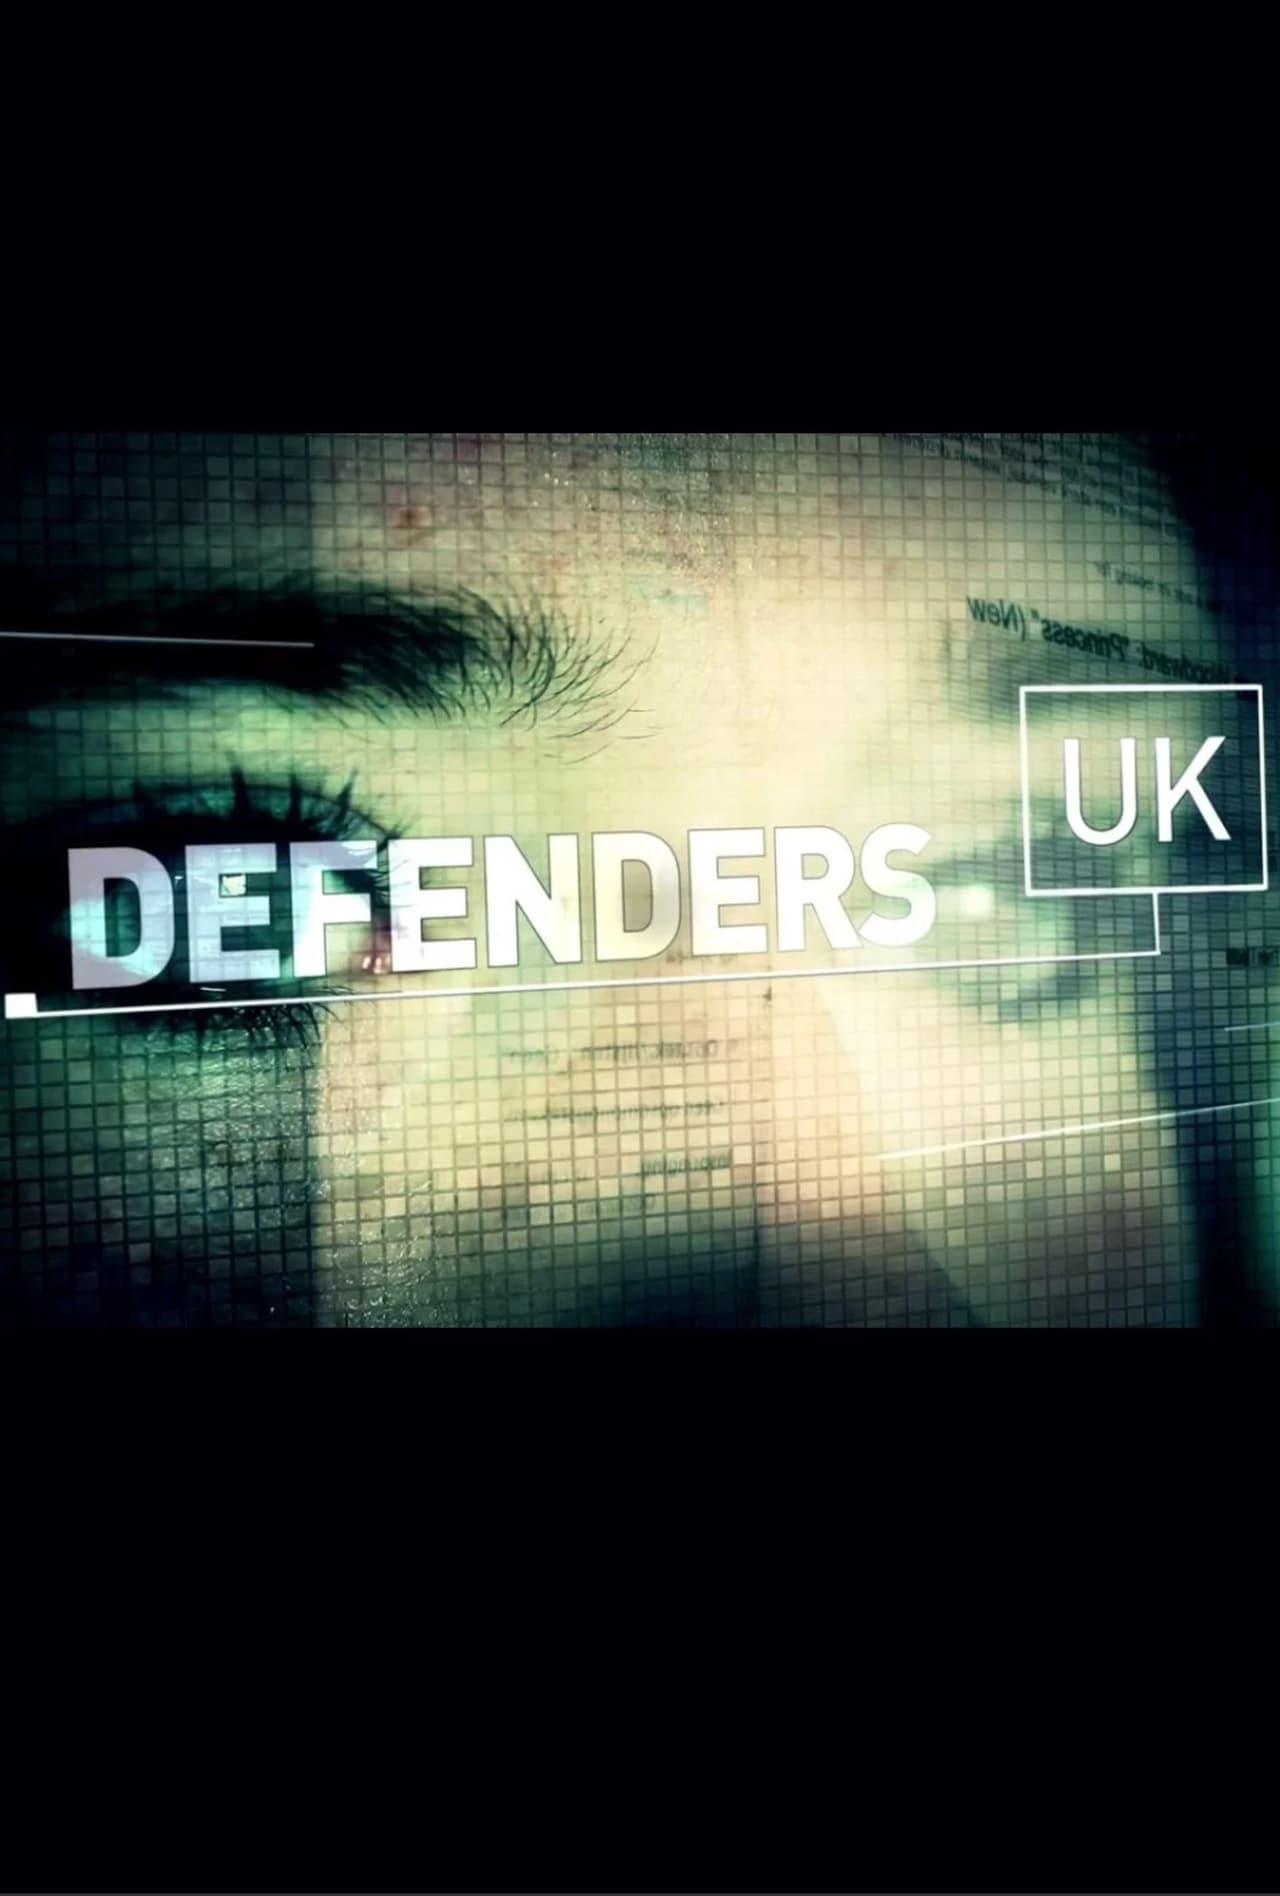 Defenders UK